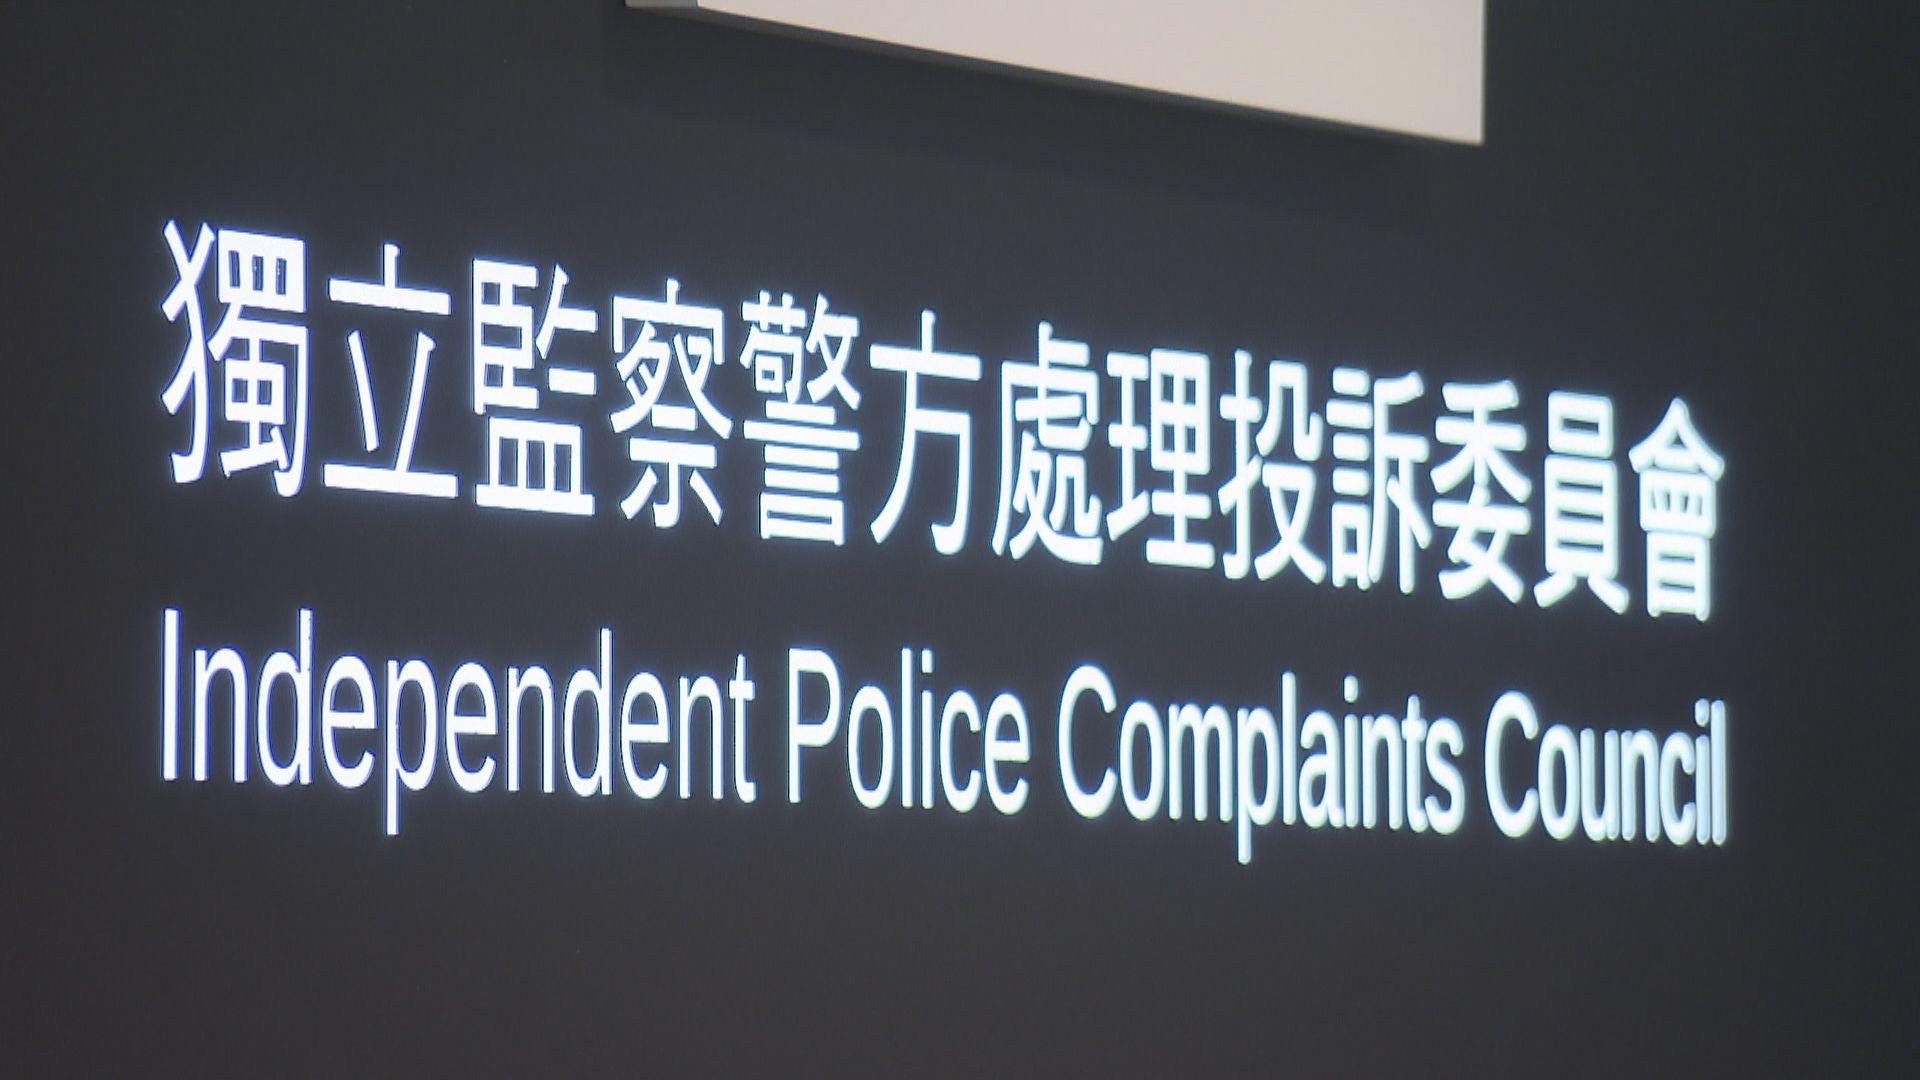 被質疑越權 監警會:研究不等於調查不會造成程序不公